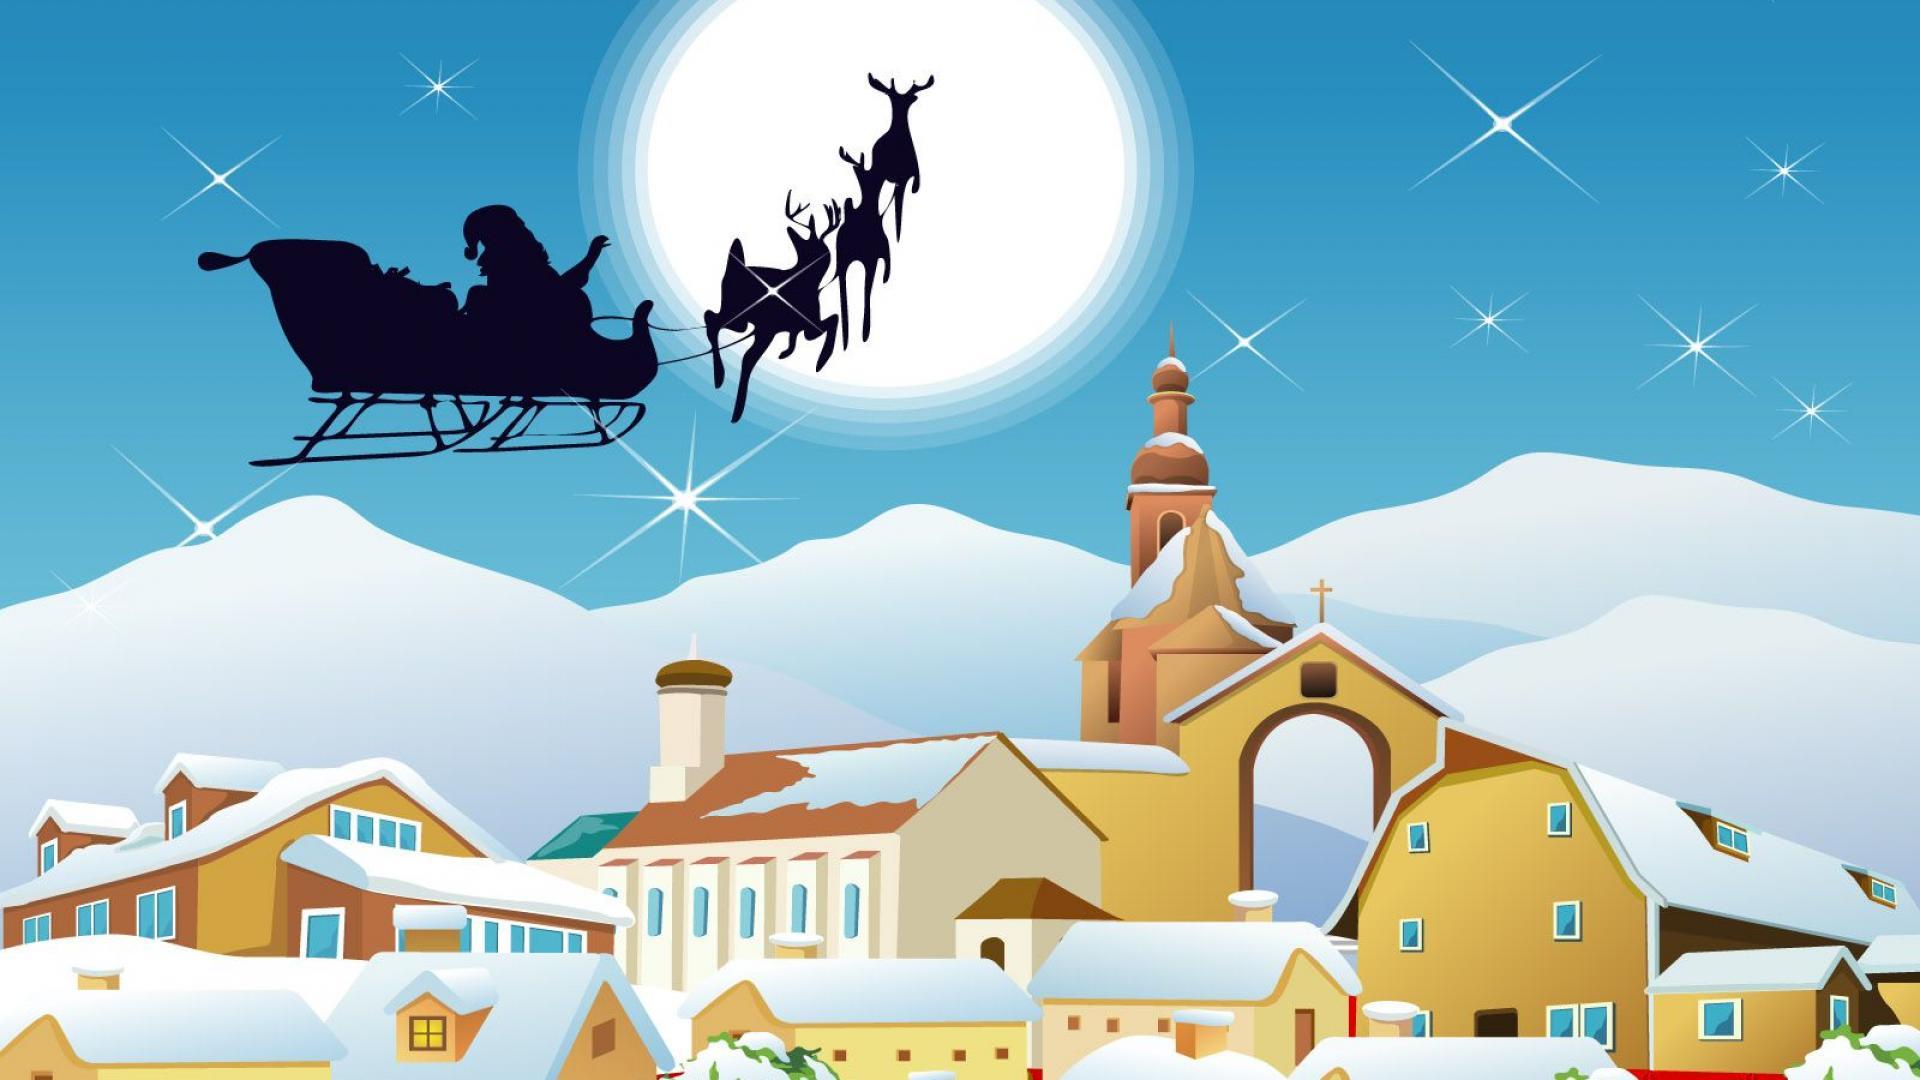 Animated Christmas Wallpaper 16